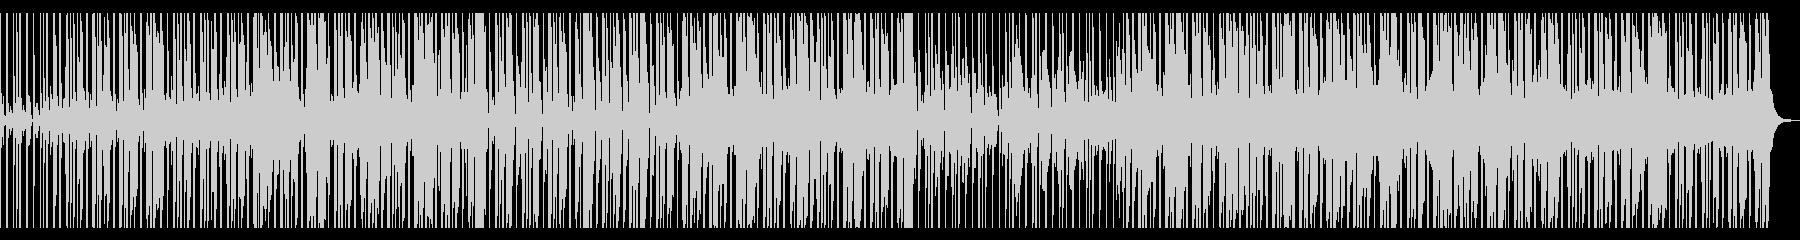 【短いVer3】スローファンクロックの未再生の波形